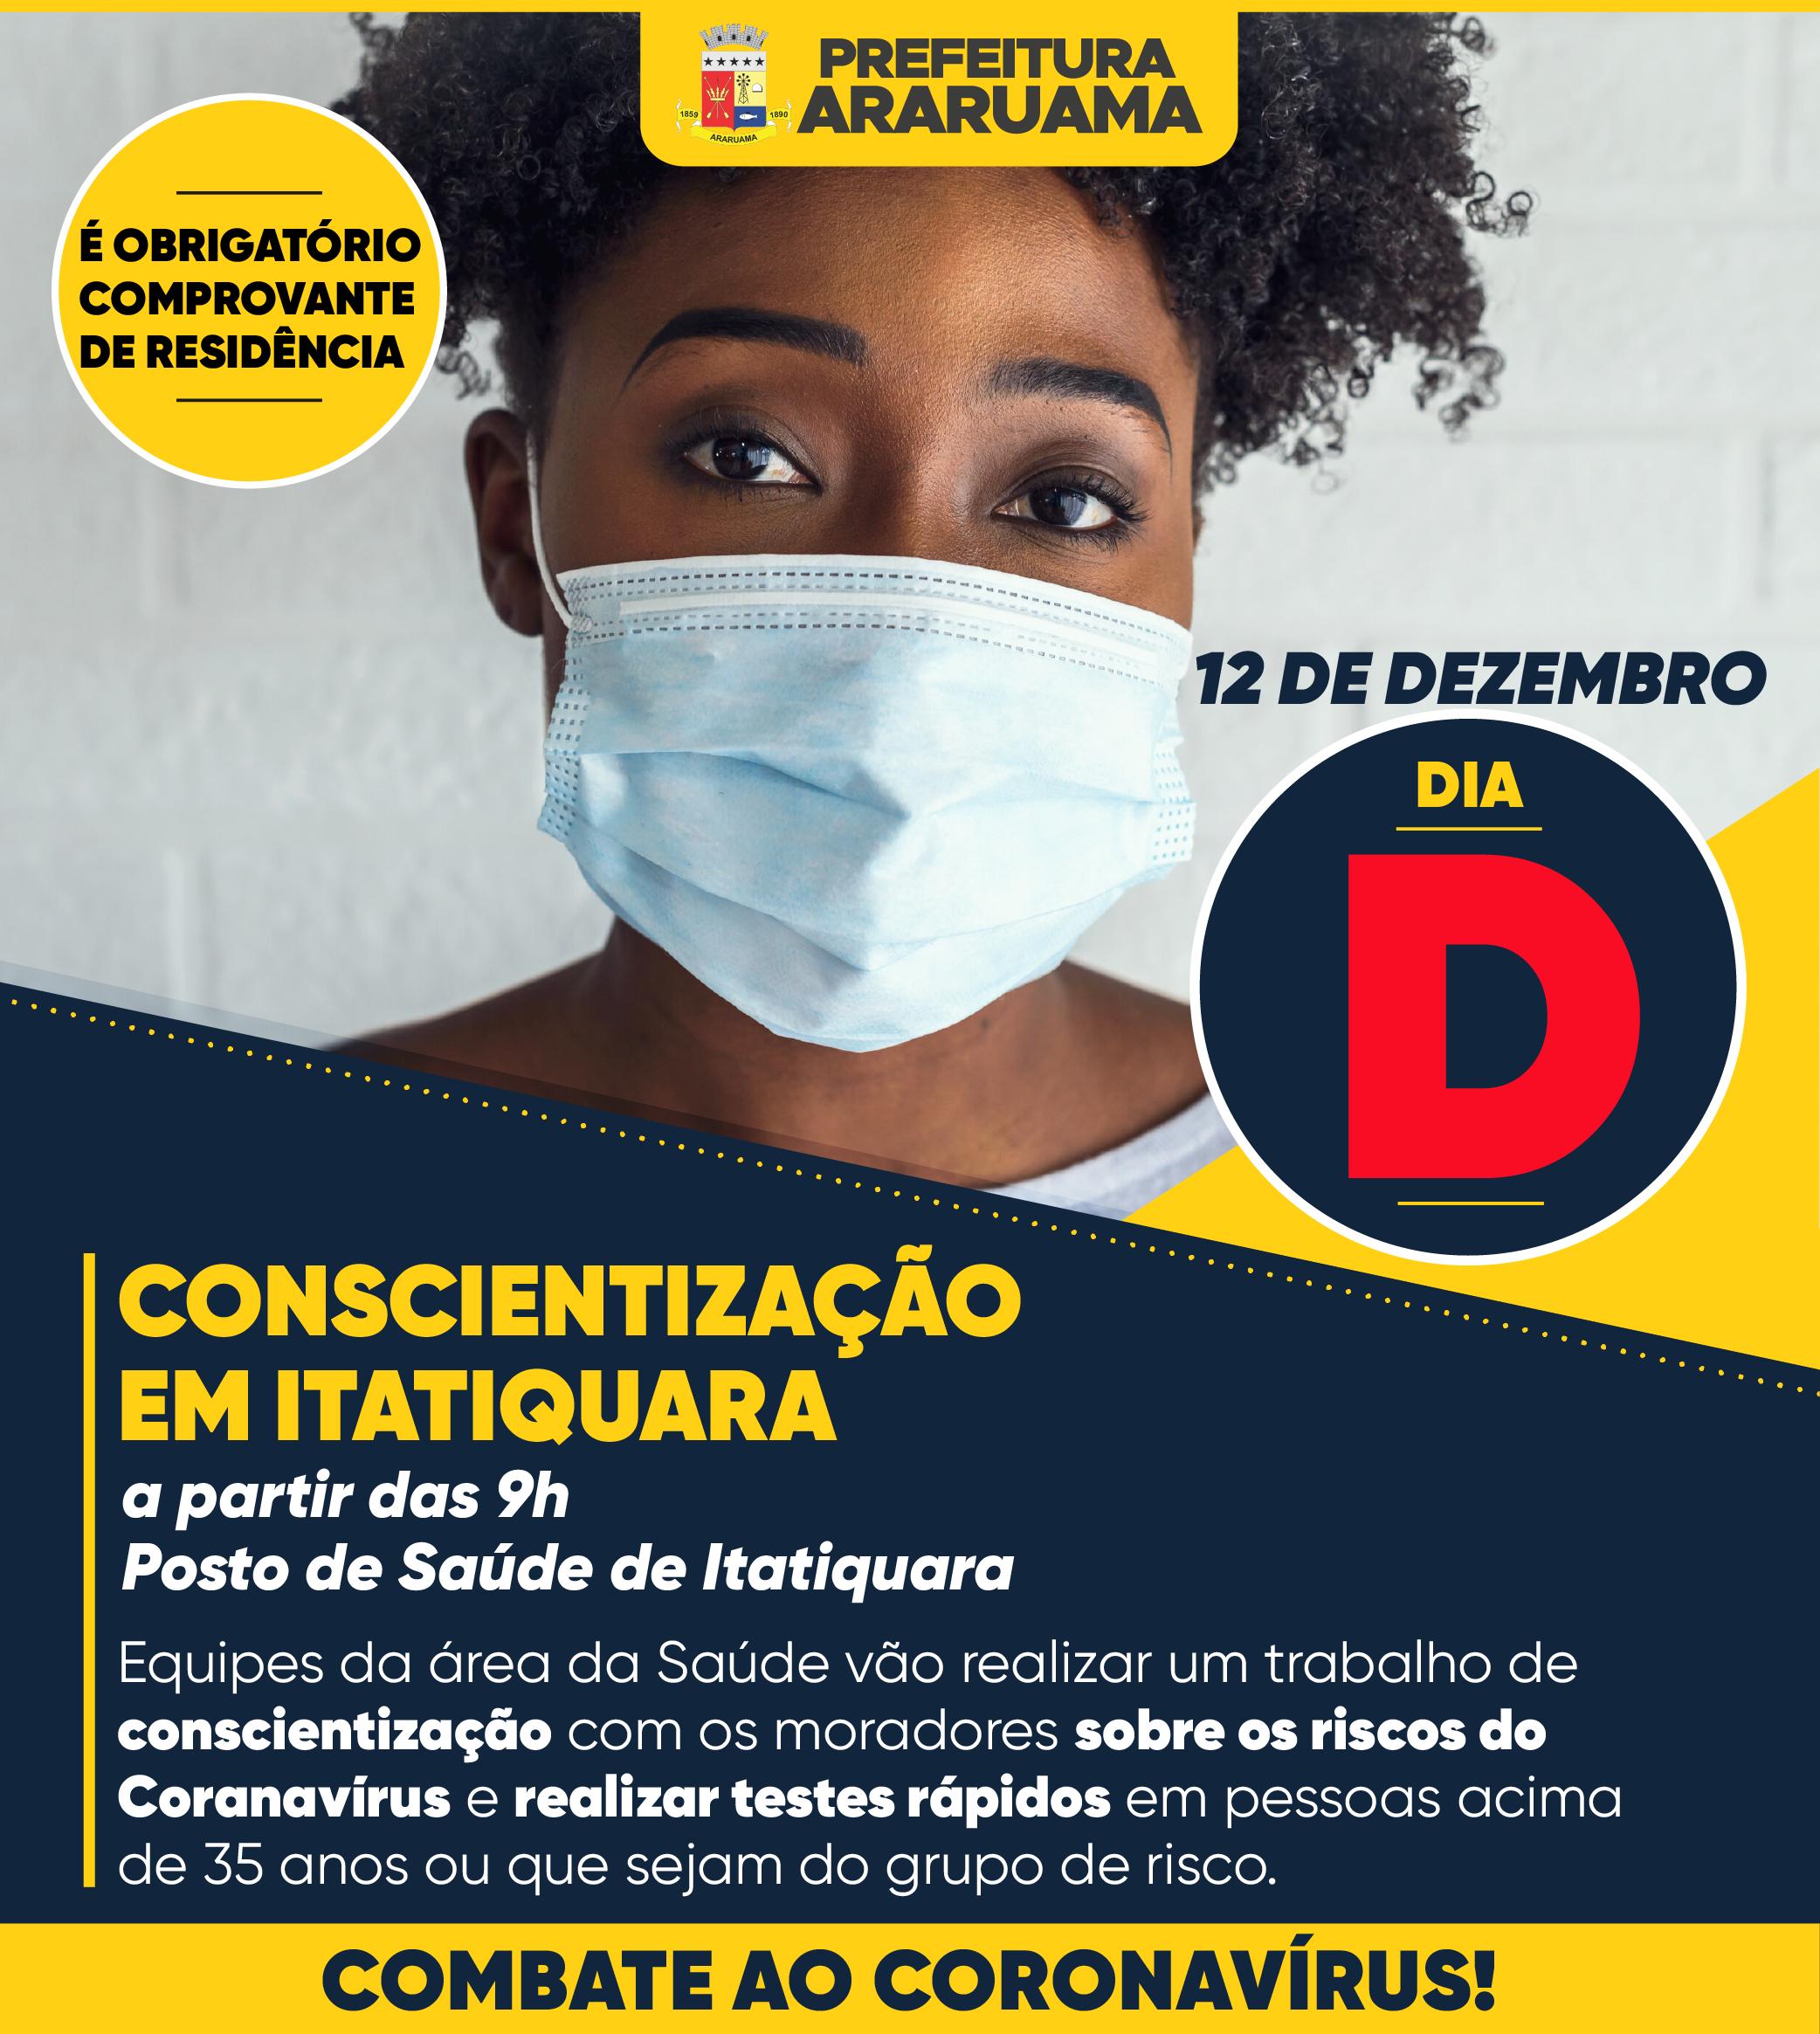 Prefeitura de Araruama vai realizar Dia D da Conscientização sobre os riscos e prevenção ao Coronavírus no bairro Itatiquara